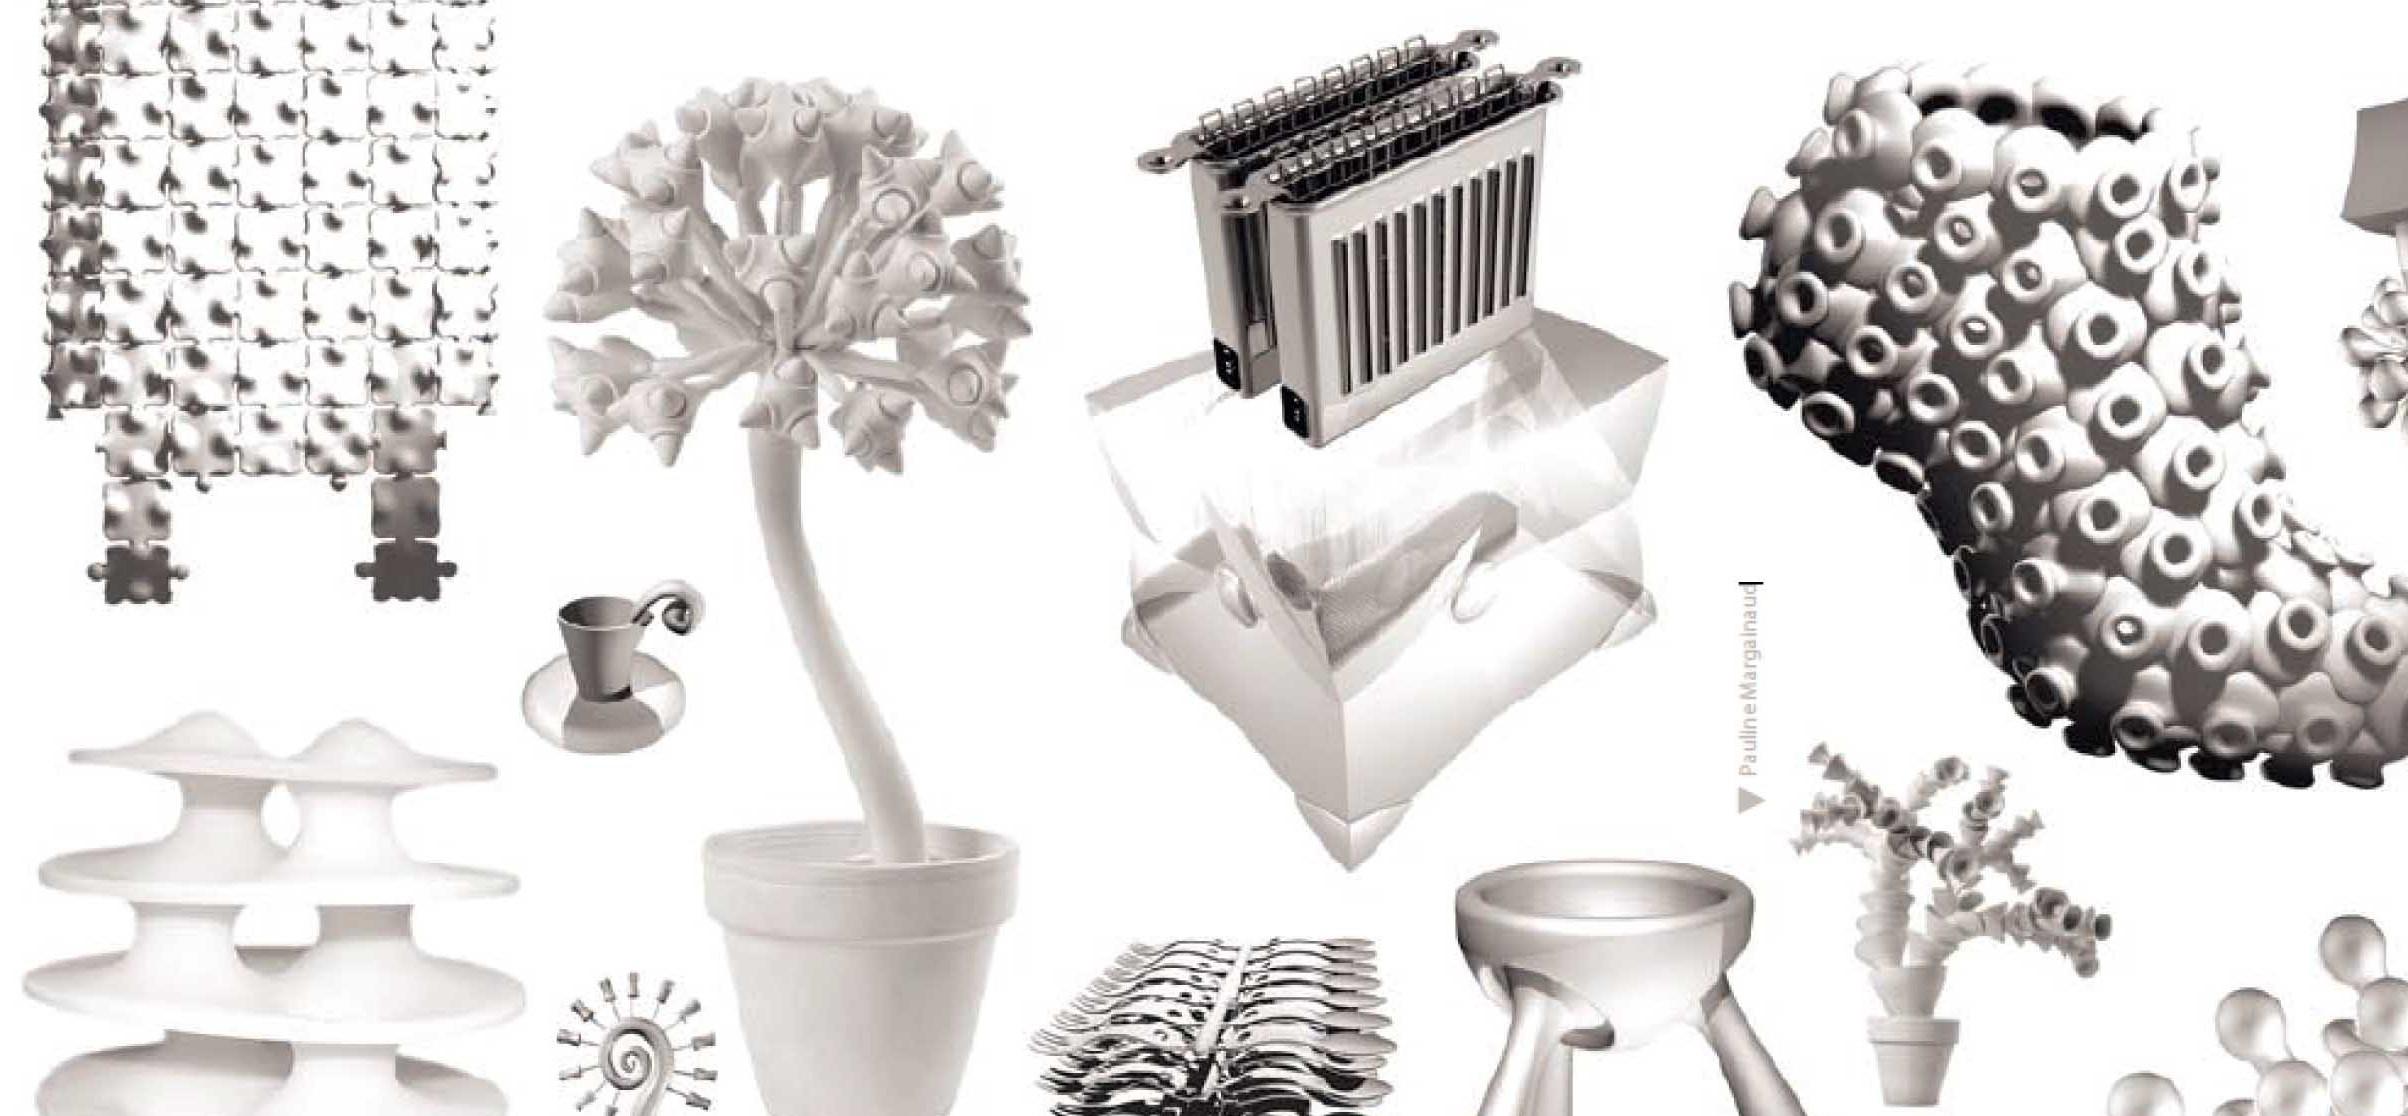 ... : la volonté de réunir impression 3D et éco-design - 3Dnatives